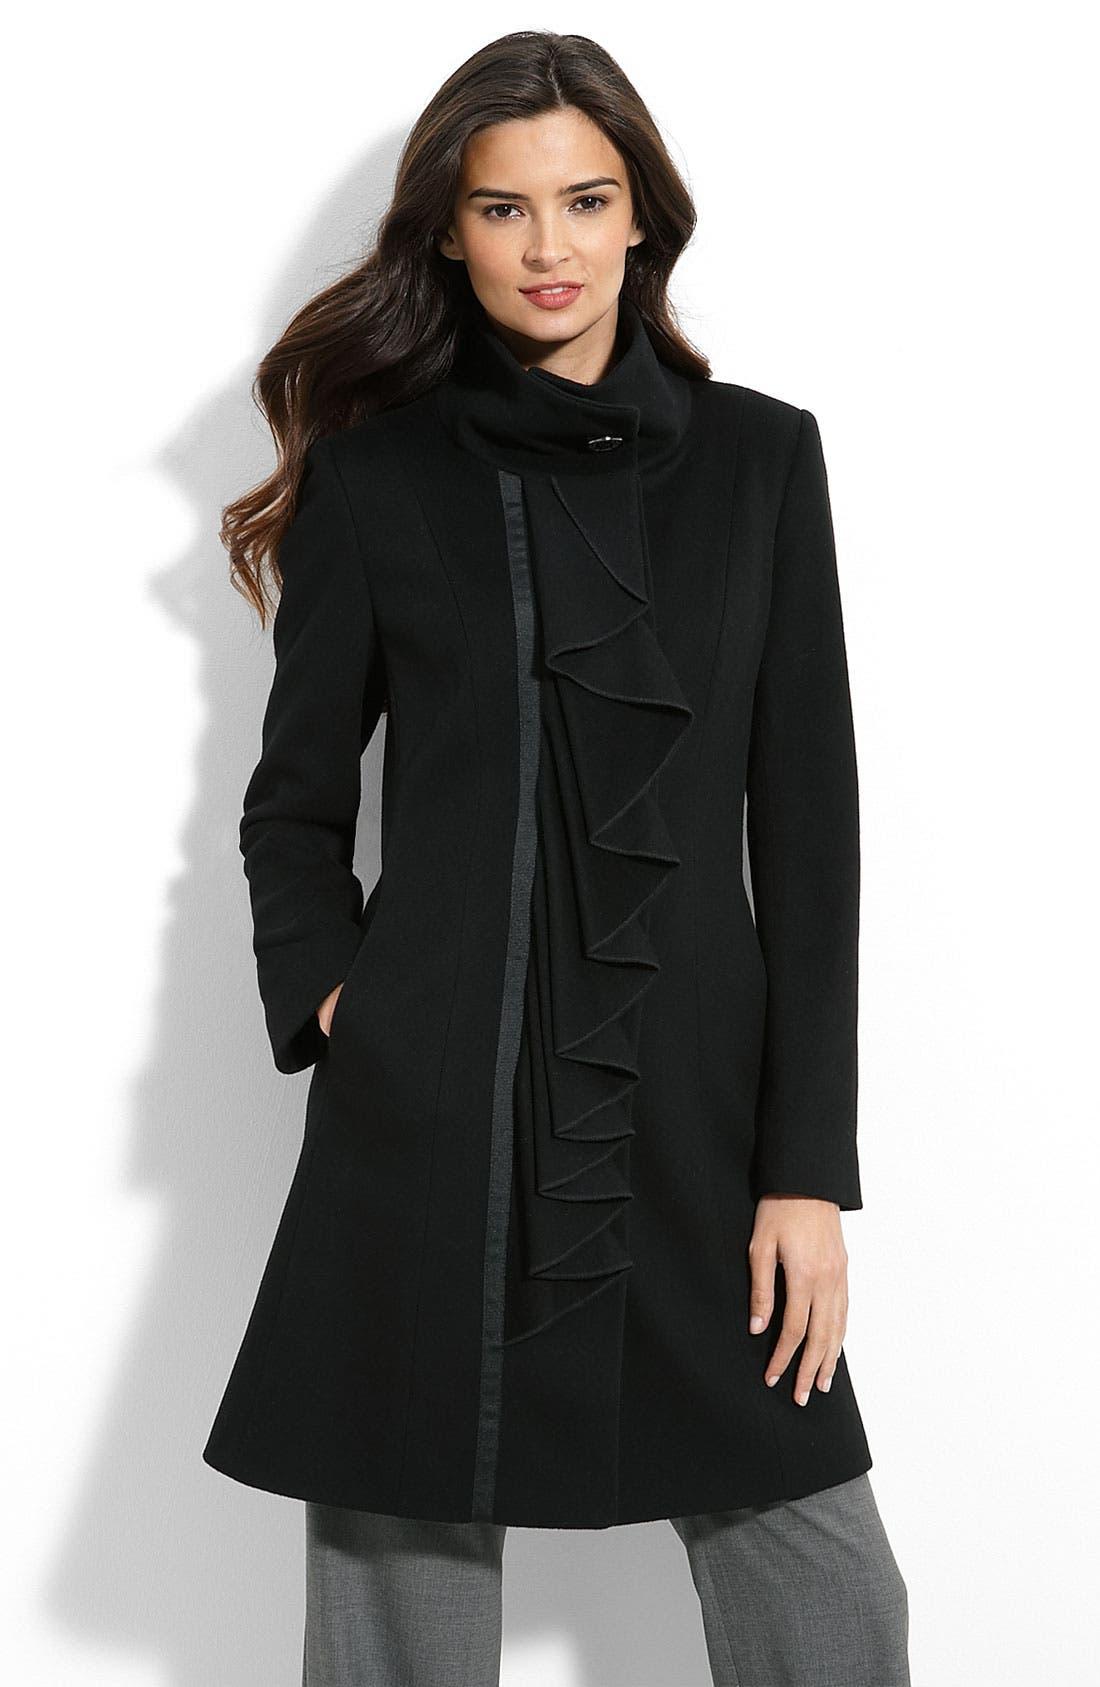 Alternate Image 1 Selected - Tahari 'Heide' Ruffle Front Coat